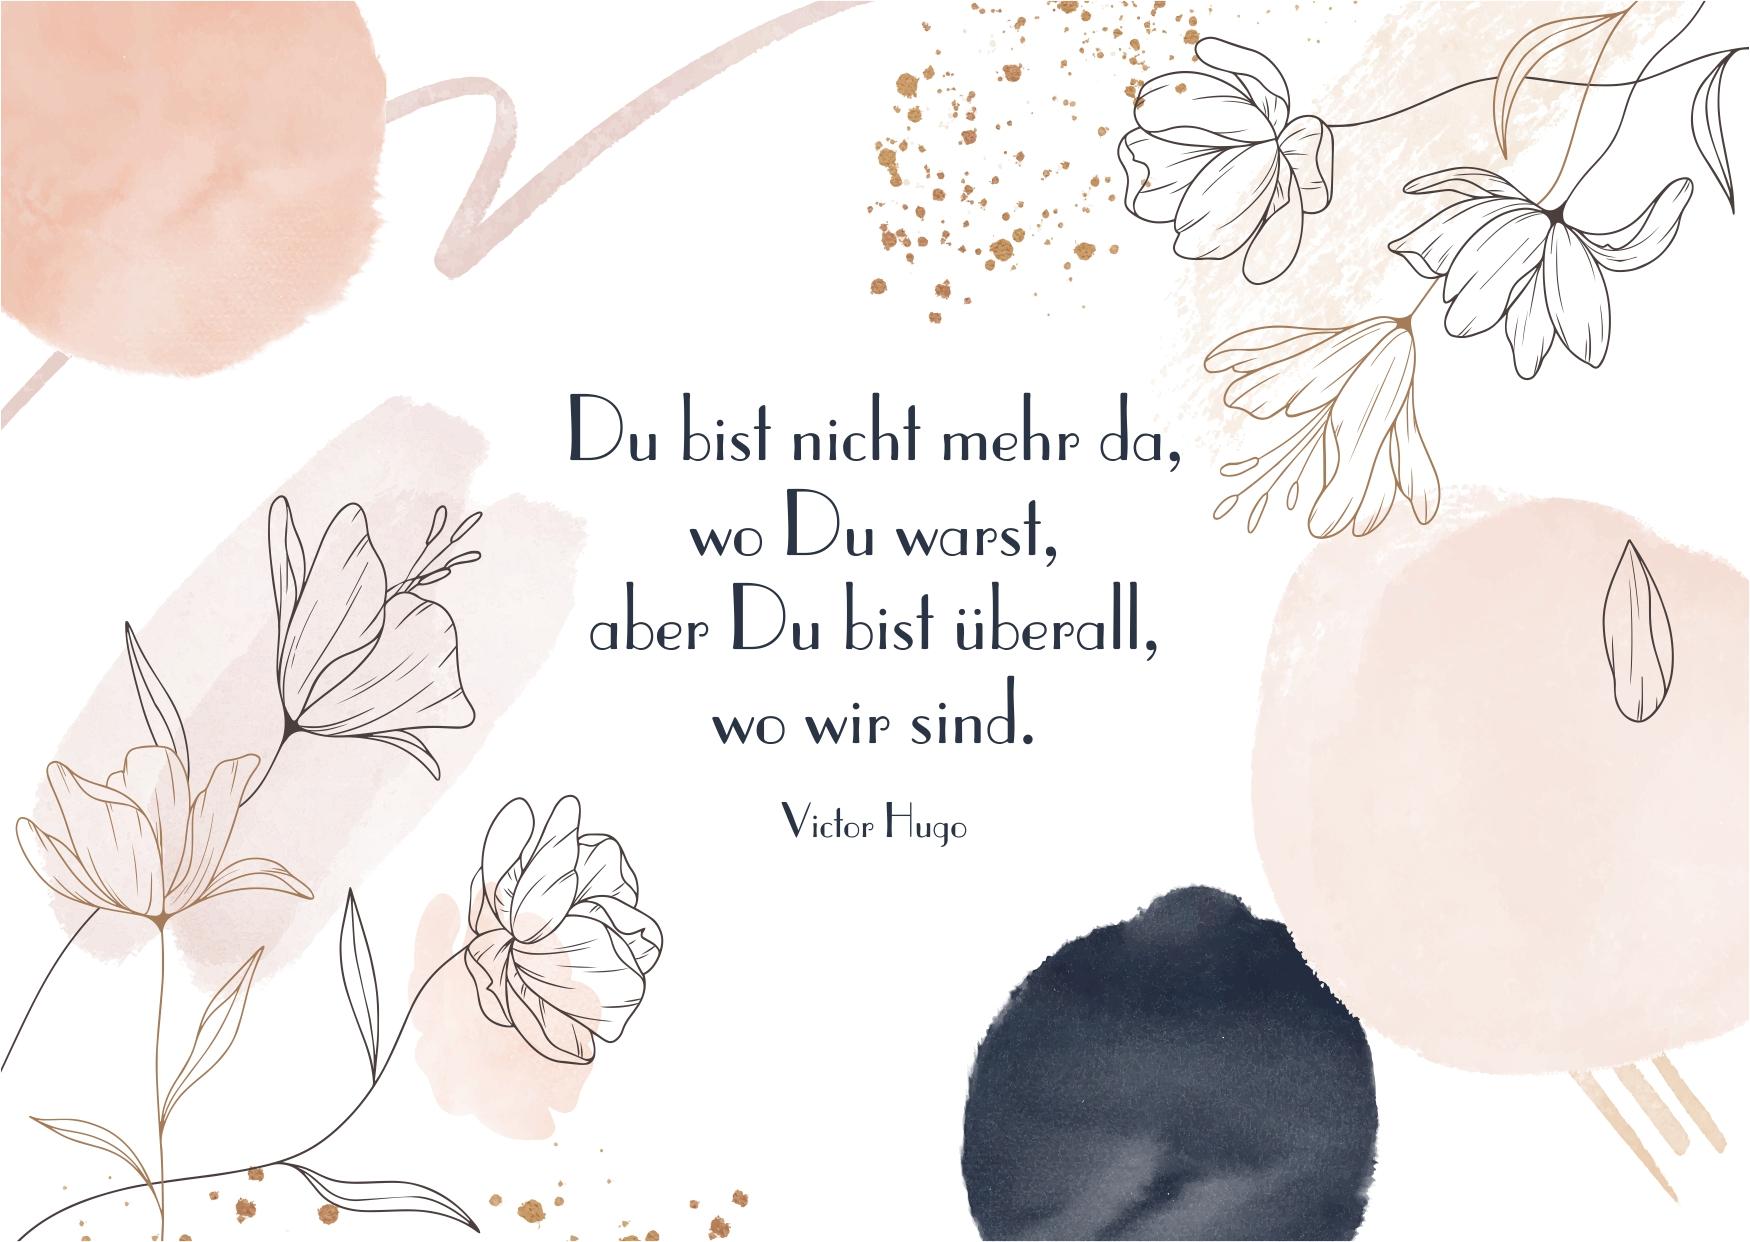 Schöne & kreative Abschiedskarte mit Abschiedsspruch kostenlos zum Download - Worte zum Abschied finden für Familie, Verwandte, Bekannte und Freunde - Trauerkarte zum Abschied schreiben - Liebevolle Trauerkarte mit Spruch oder Zitat zum Versenden